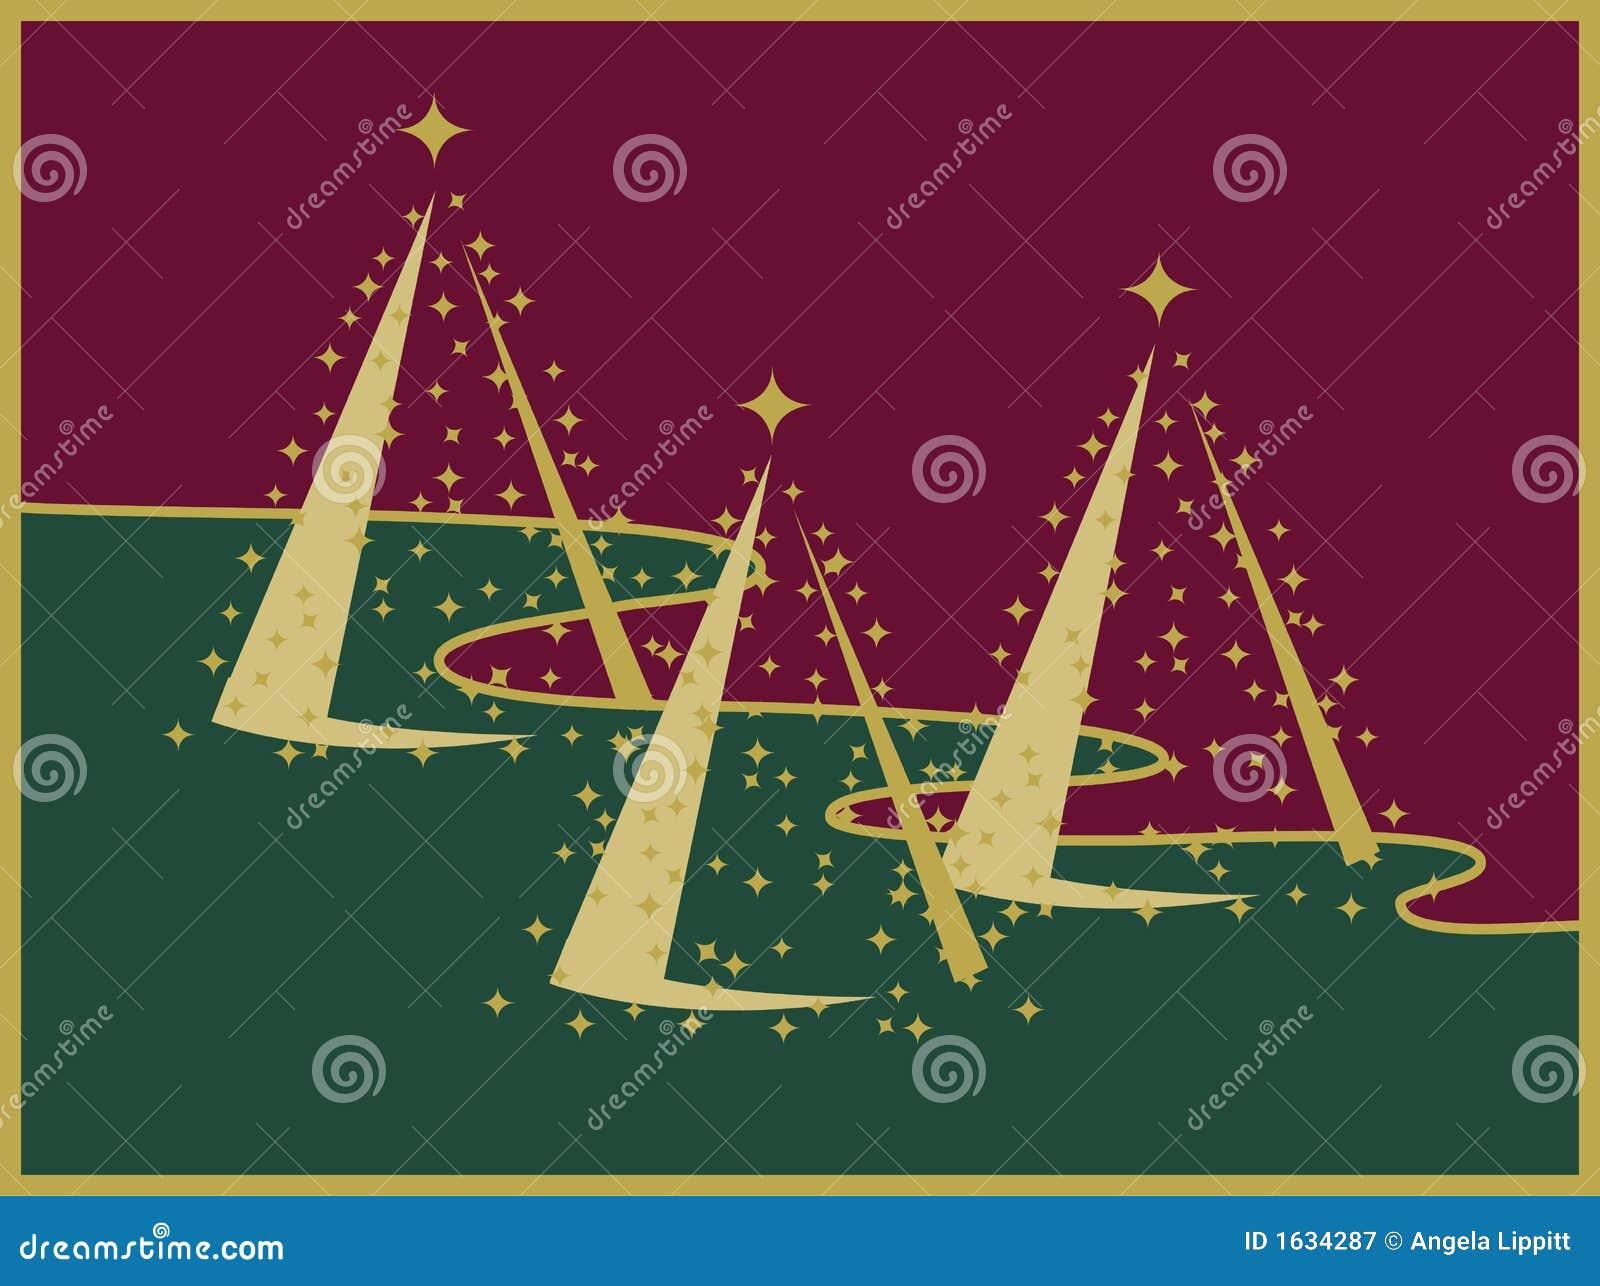 Drei Goldweihnachtsbäume auf roter und grüner Landschaft